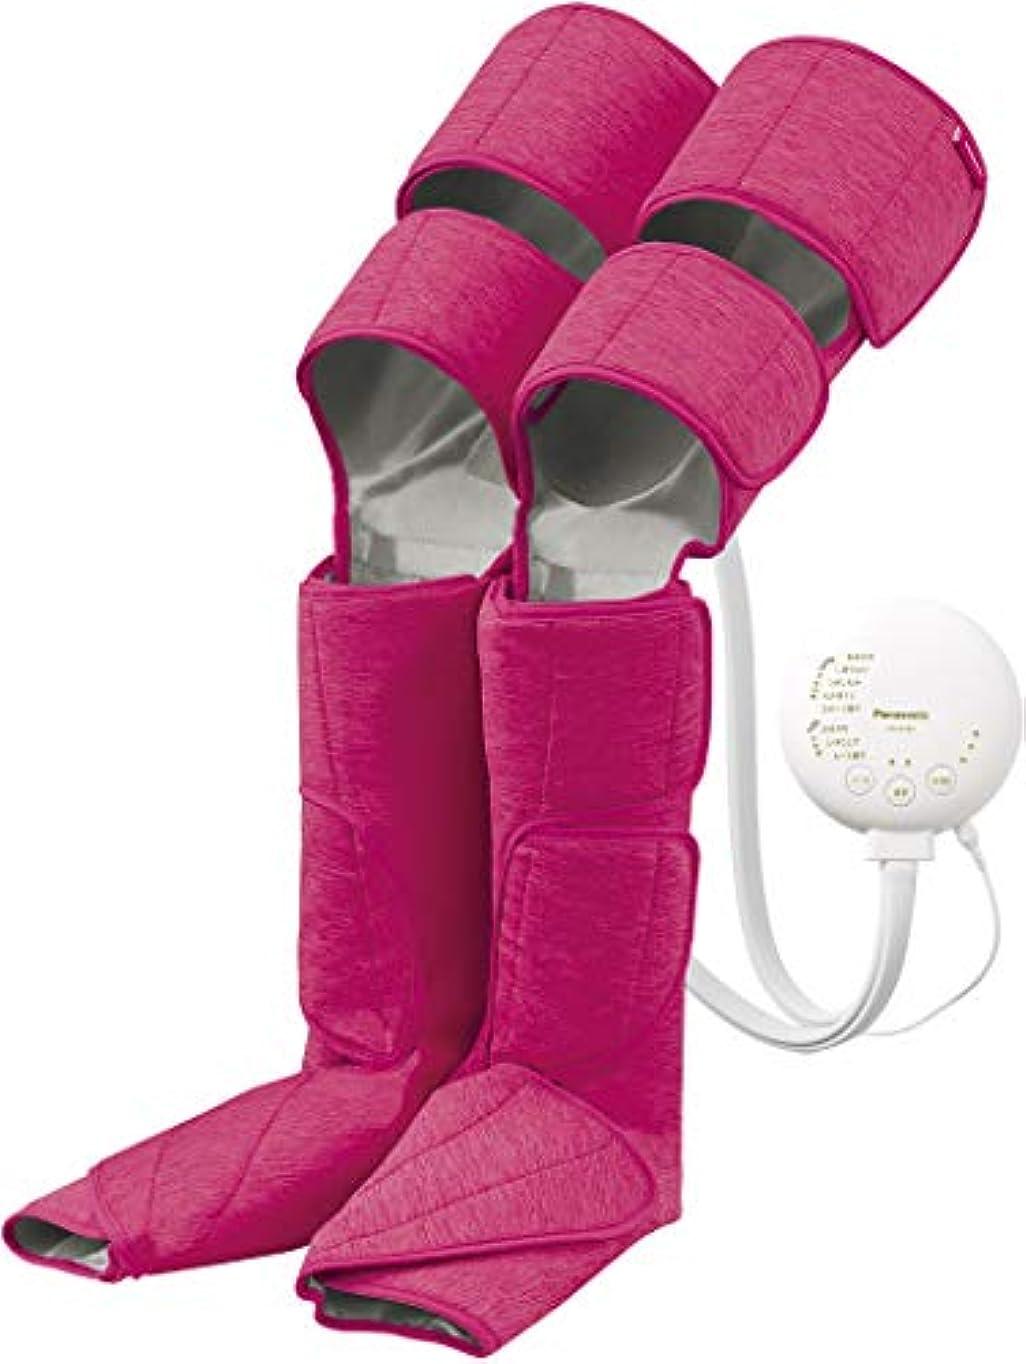 エゴイズムに付ける深遠パナソニック エアーマッサージャー レッグリフレ ひざ/太もも巻き対応 温感機能搭載 ピンク EW-RA99-P